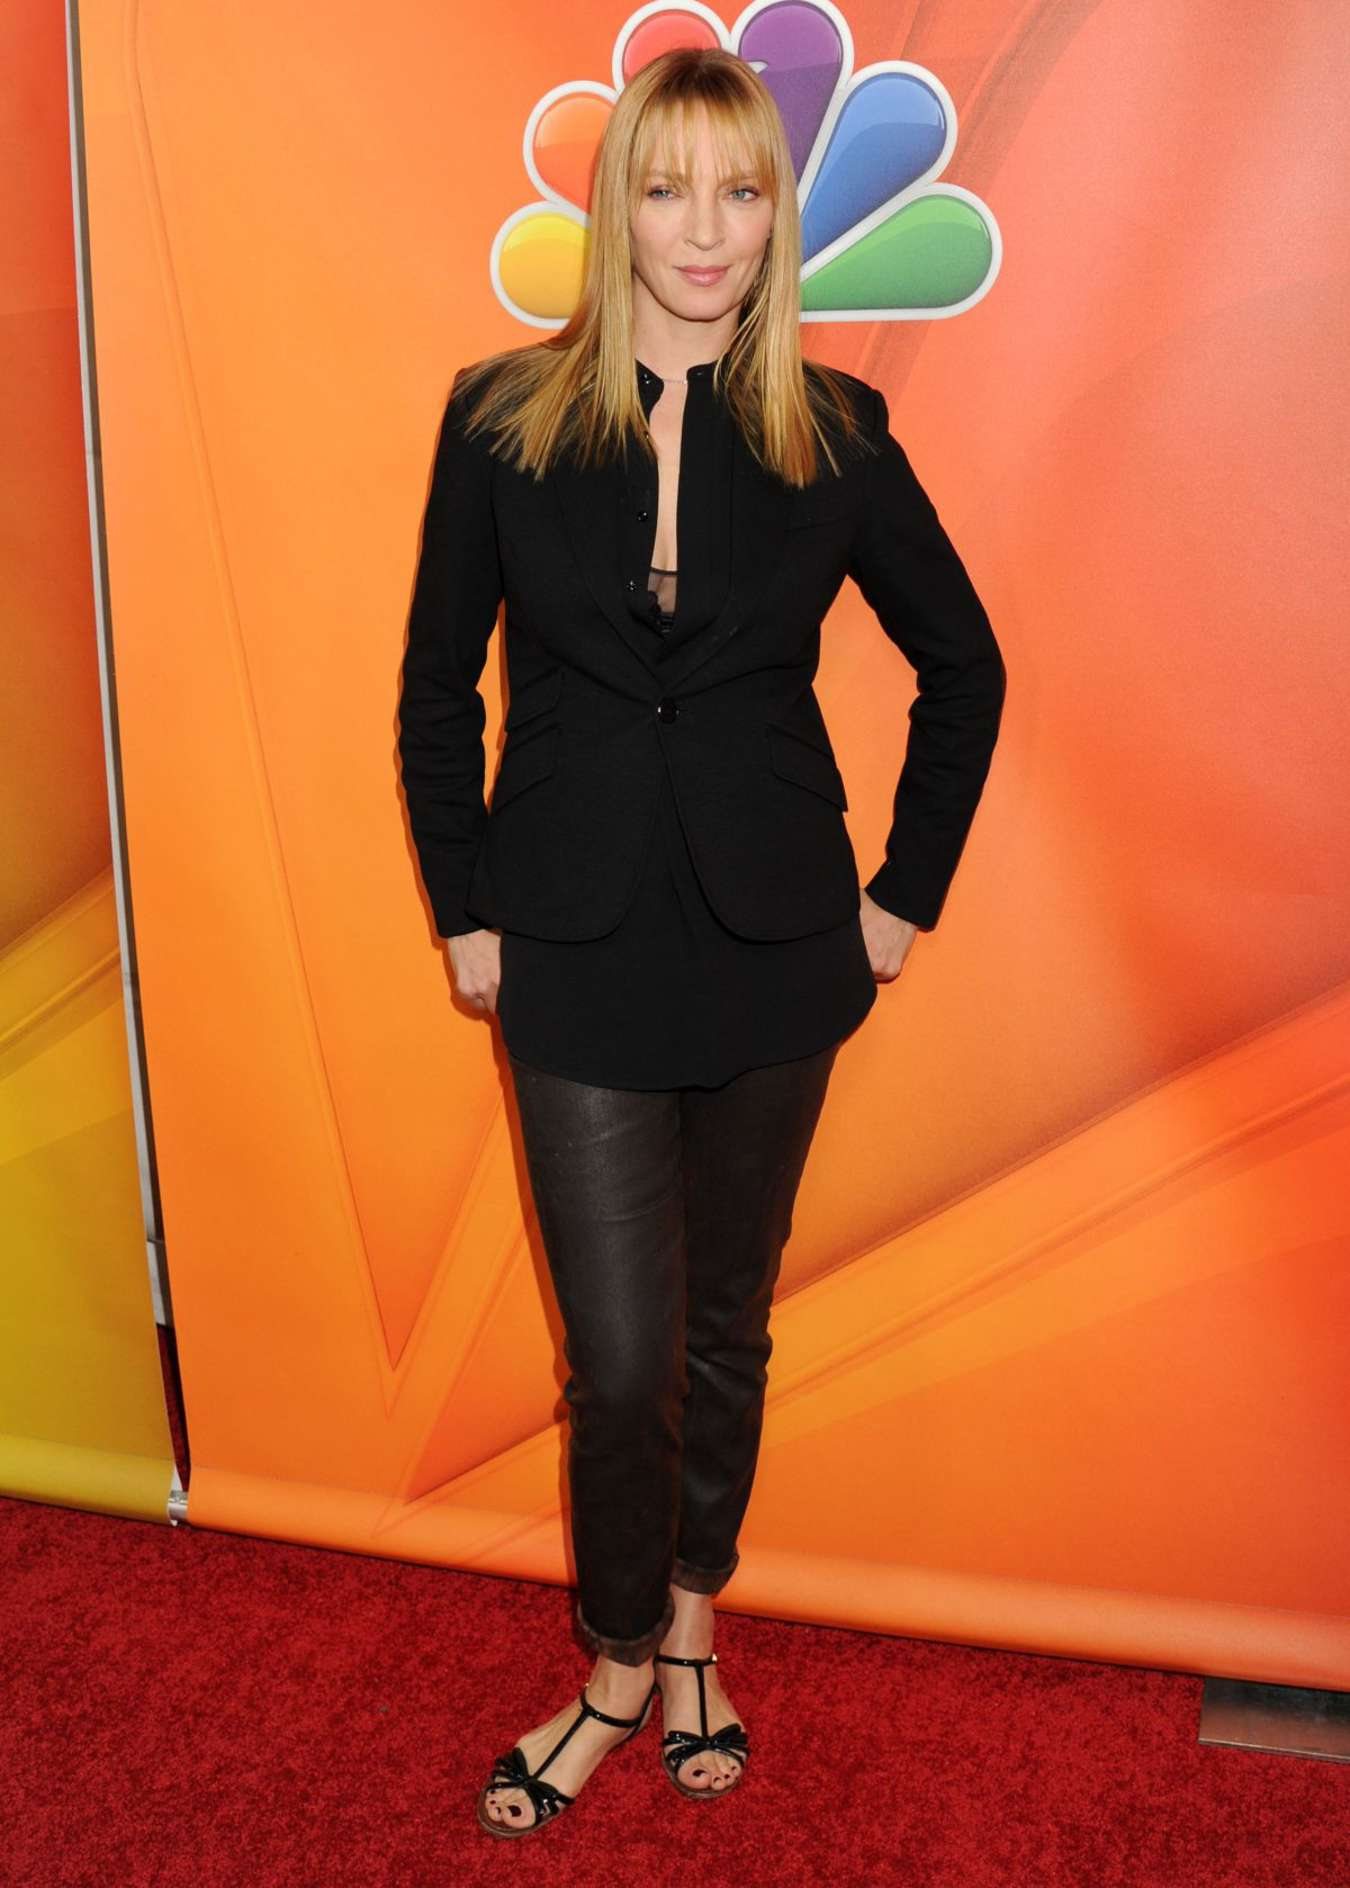 Uma Thurman - 2015 NBCUniversal Press Tour Day 2 in Pasadena